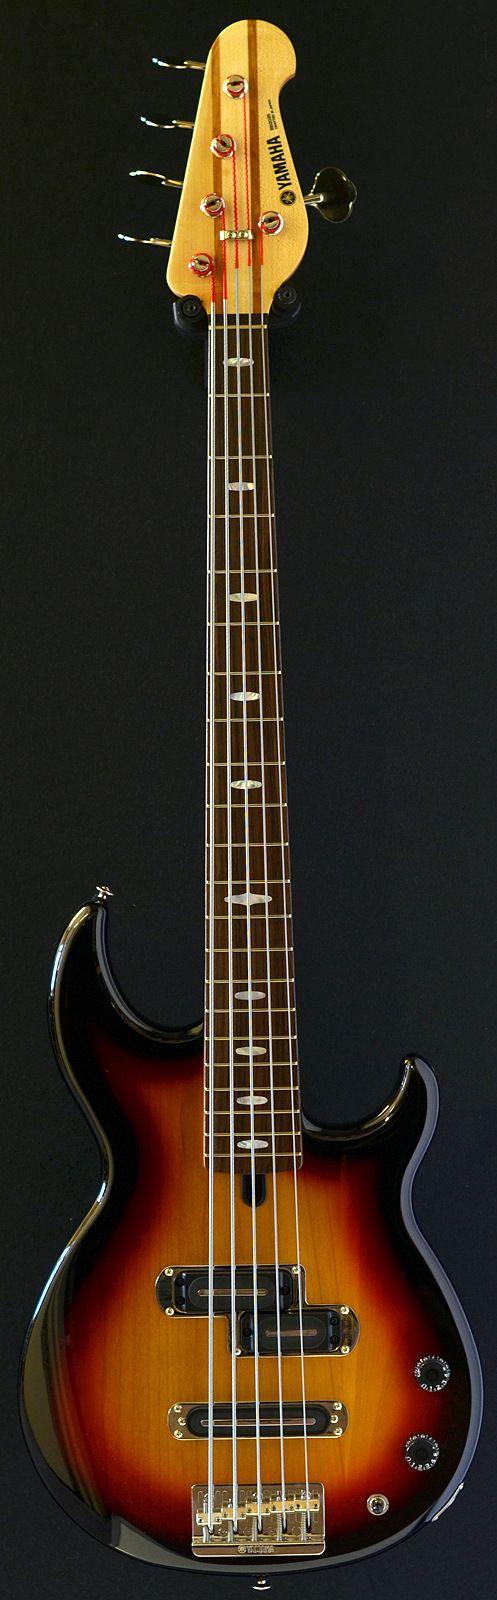 YAMAHA 2025 5 string bass (2013)